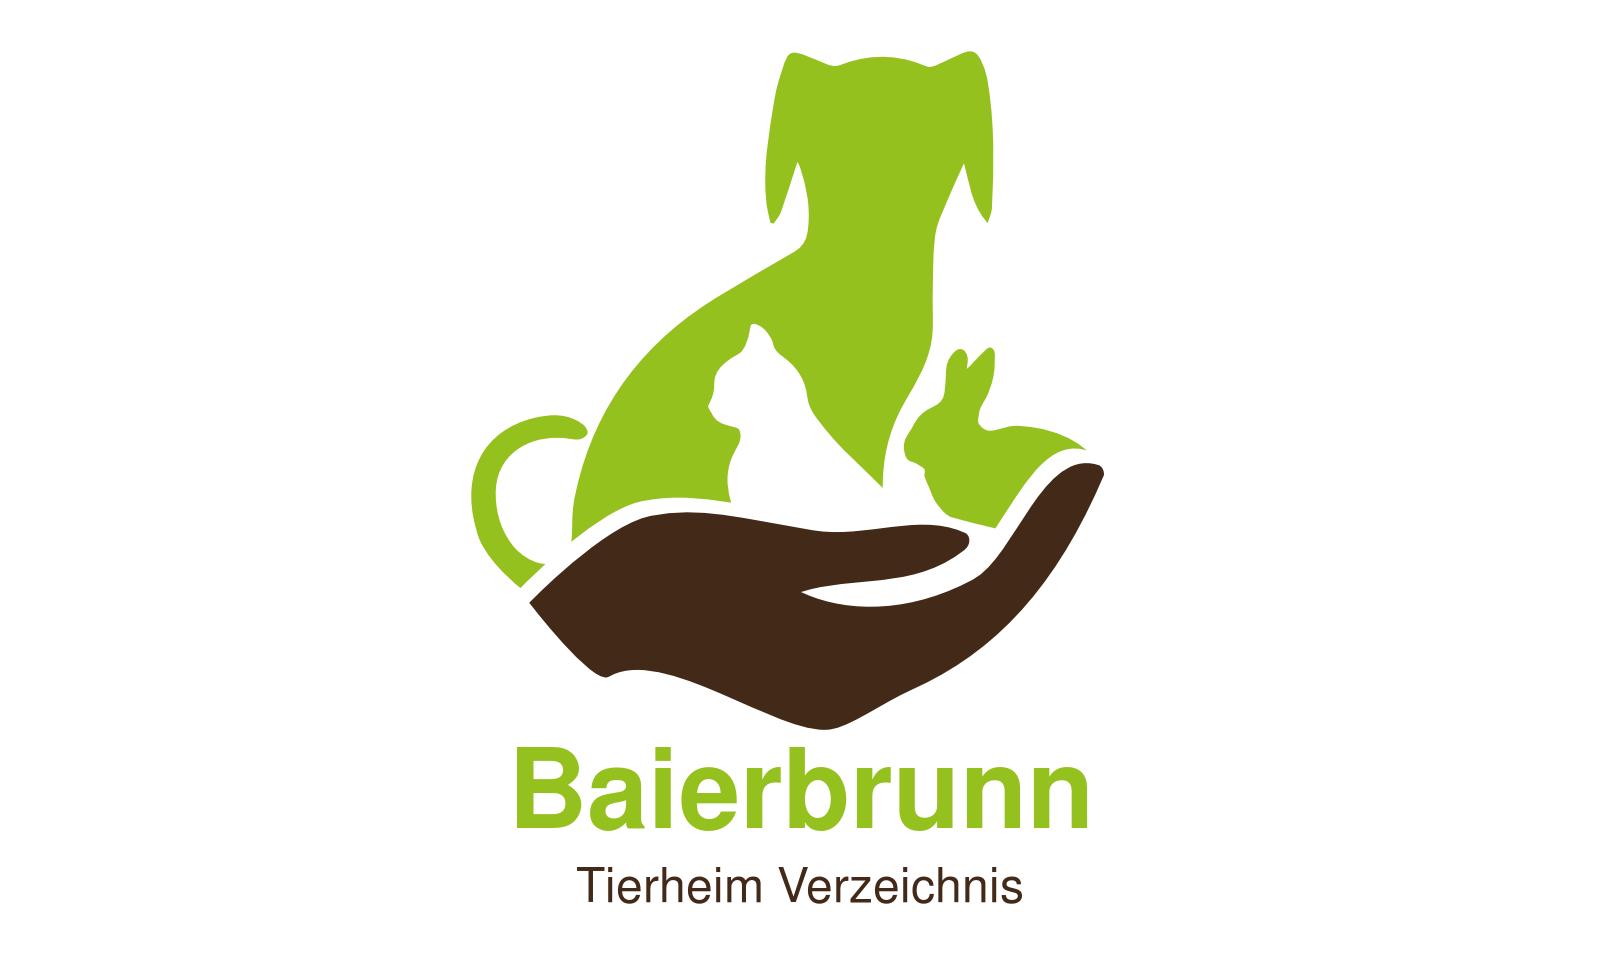 Tierheim Baierbrunn